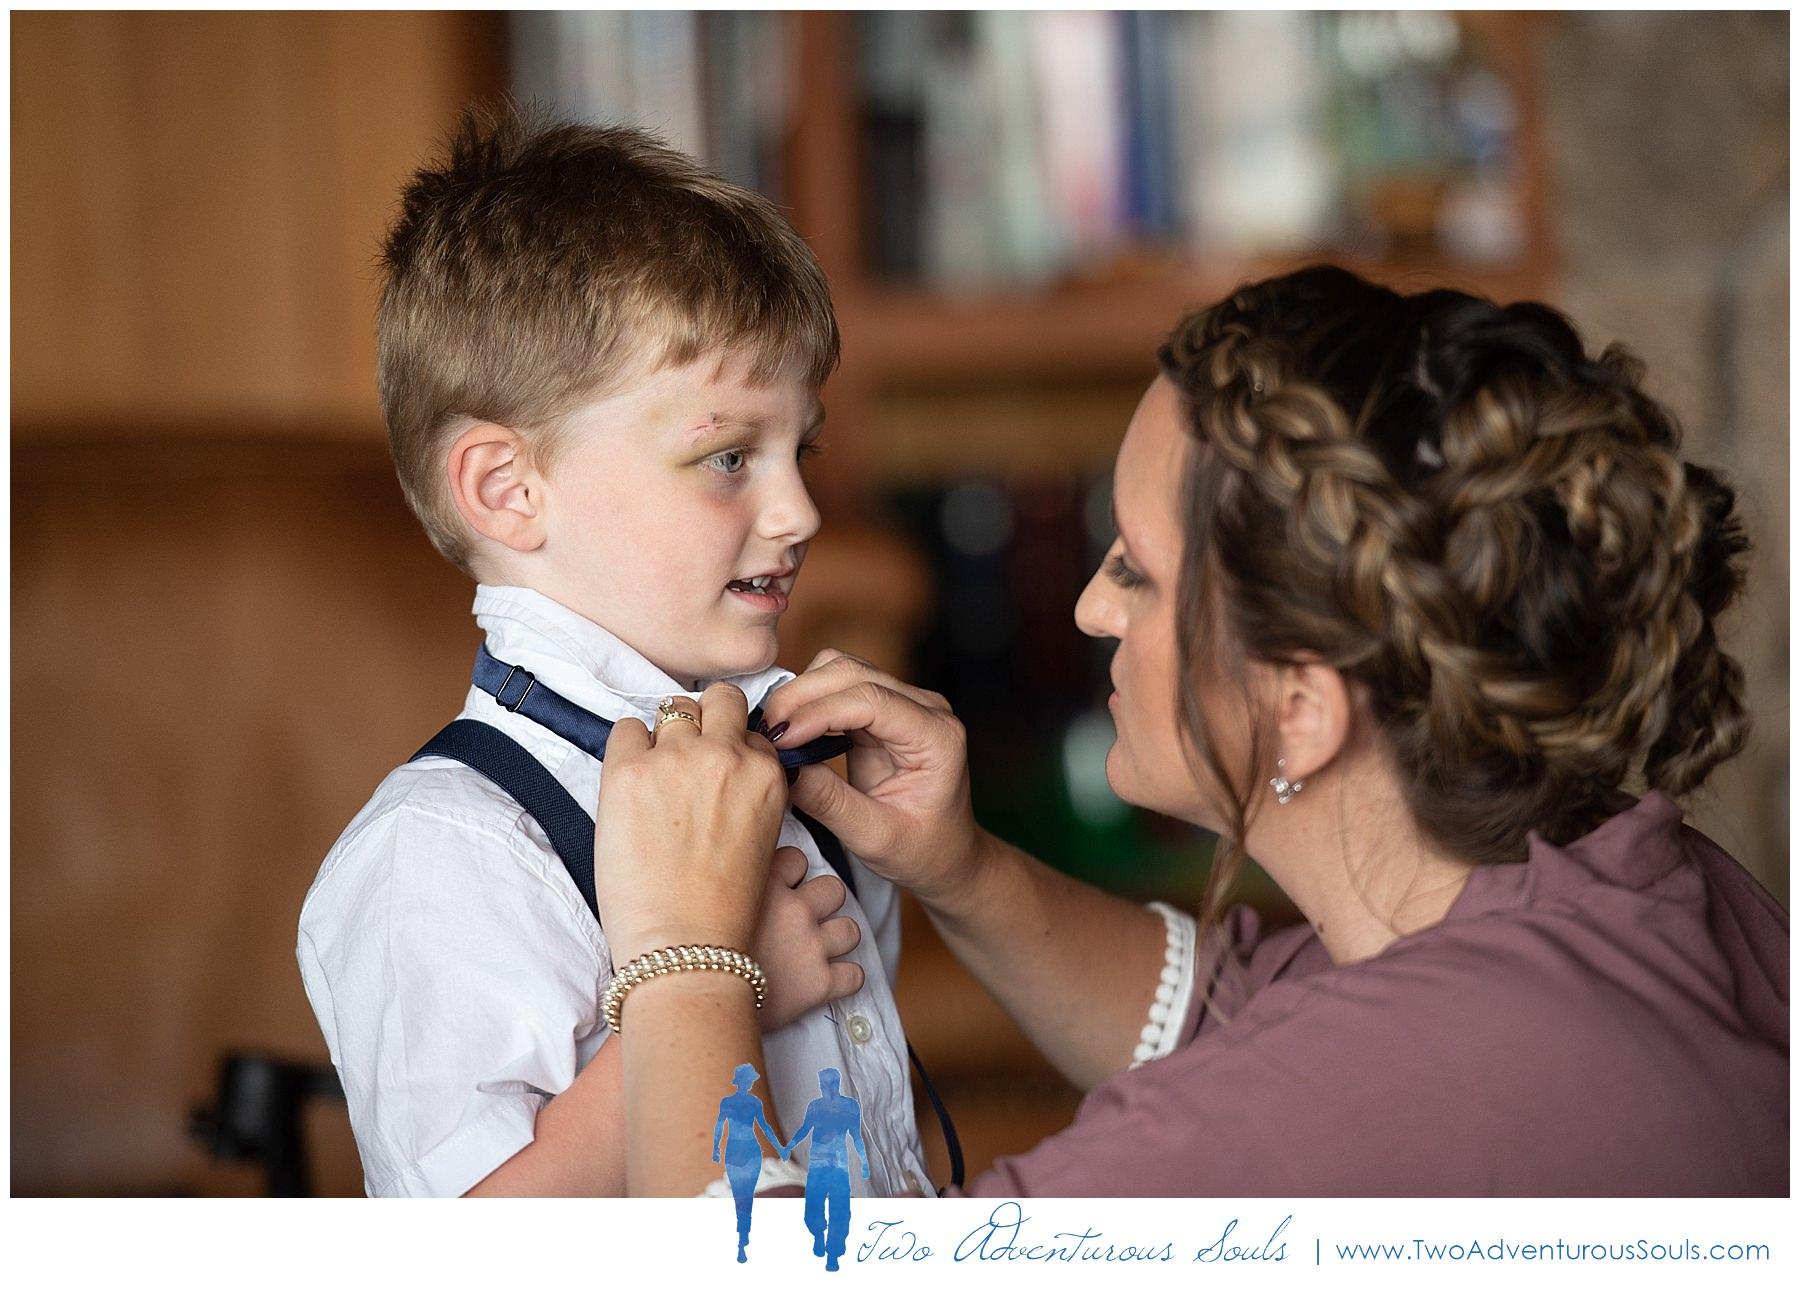 Maine Wedding Photographers, Granite Ridge Estate Wedding Photographers, Two Adventurous Souls - 080319_0004.jpg